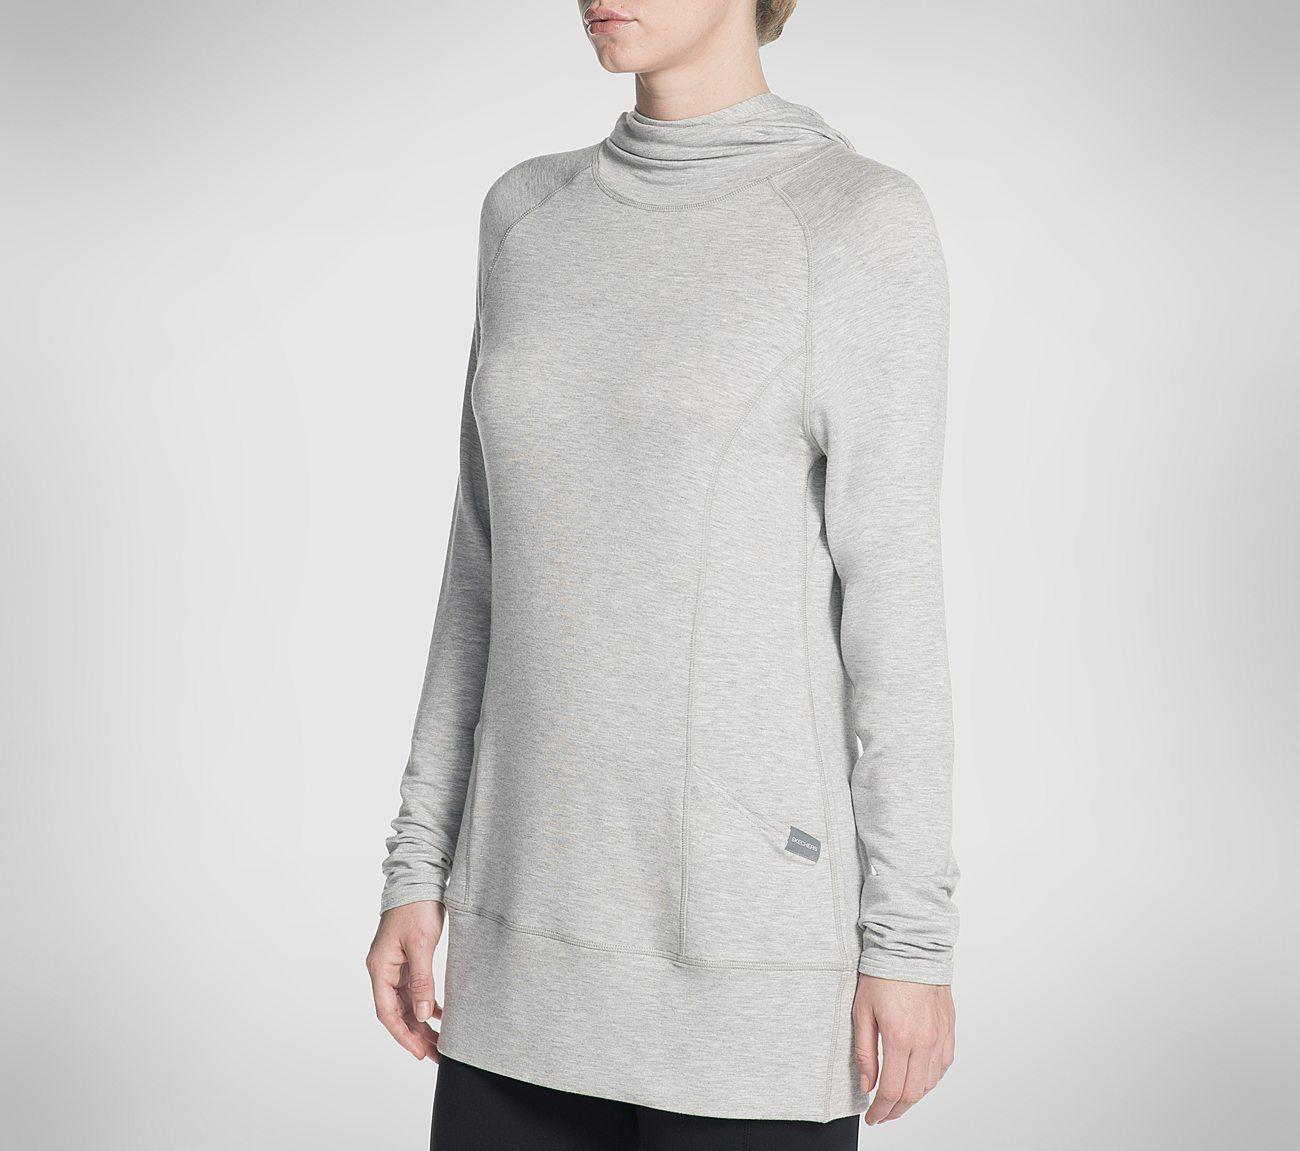 Пуловер женские Skechers модель KY77 купить, 2017